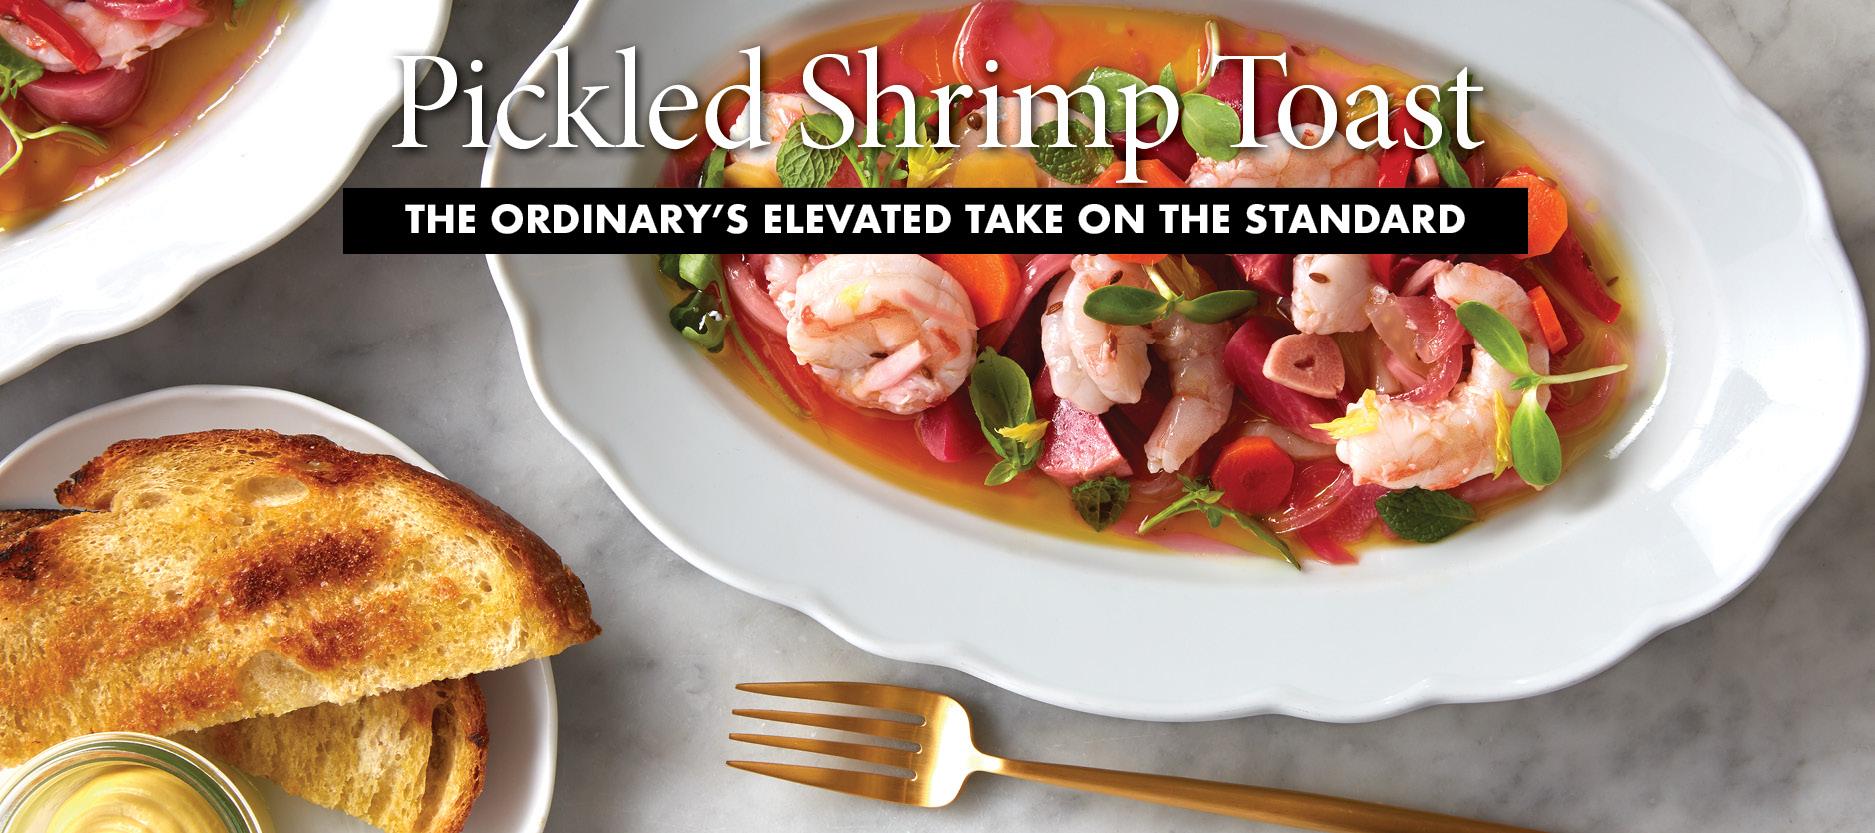 Pickled Shrimp Toast